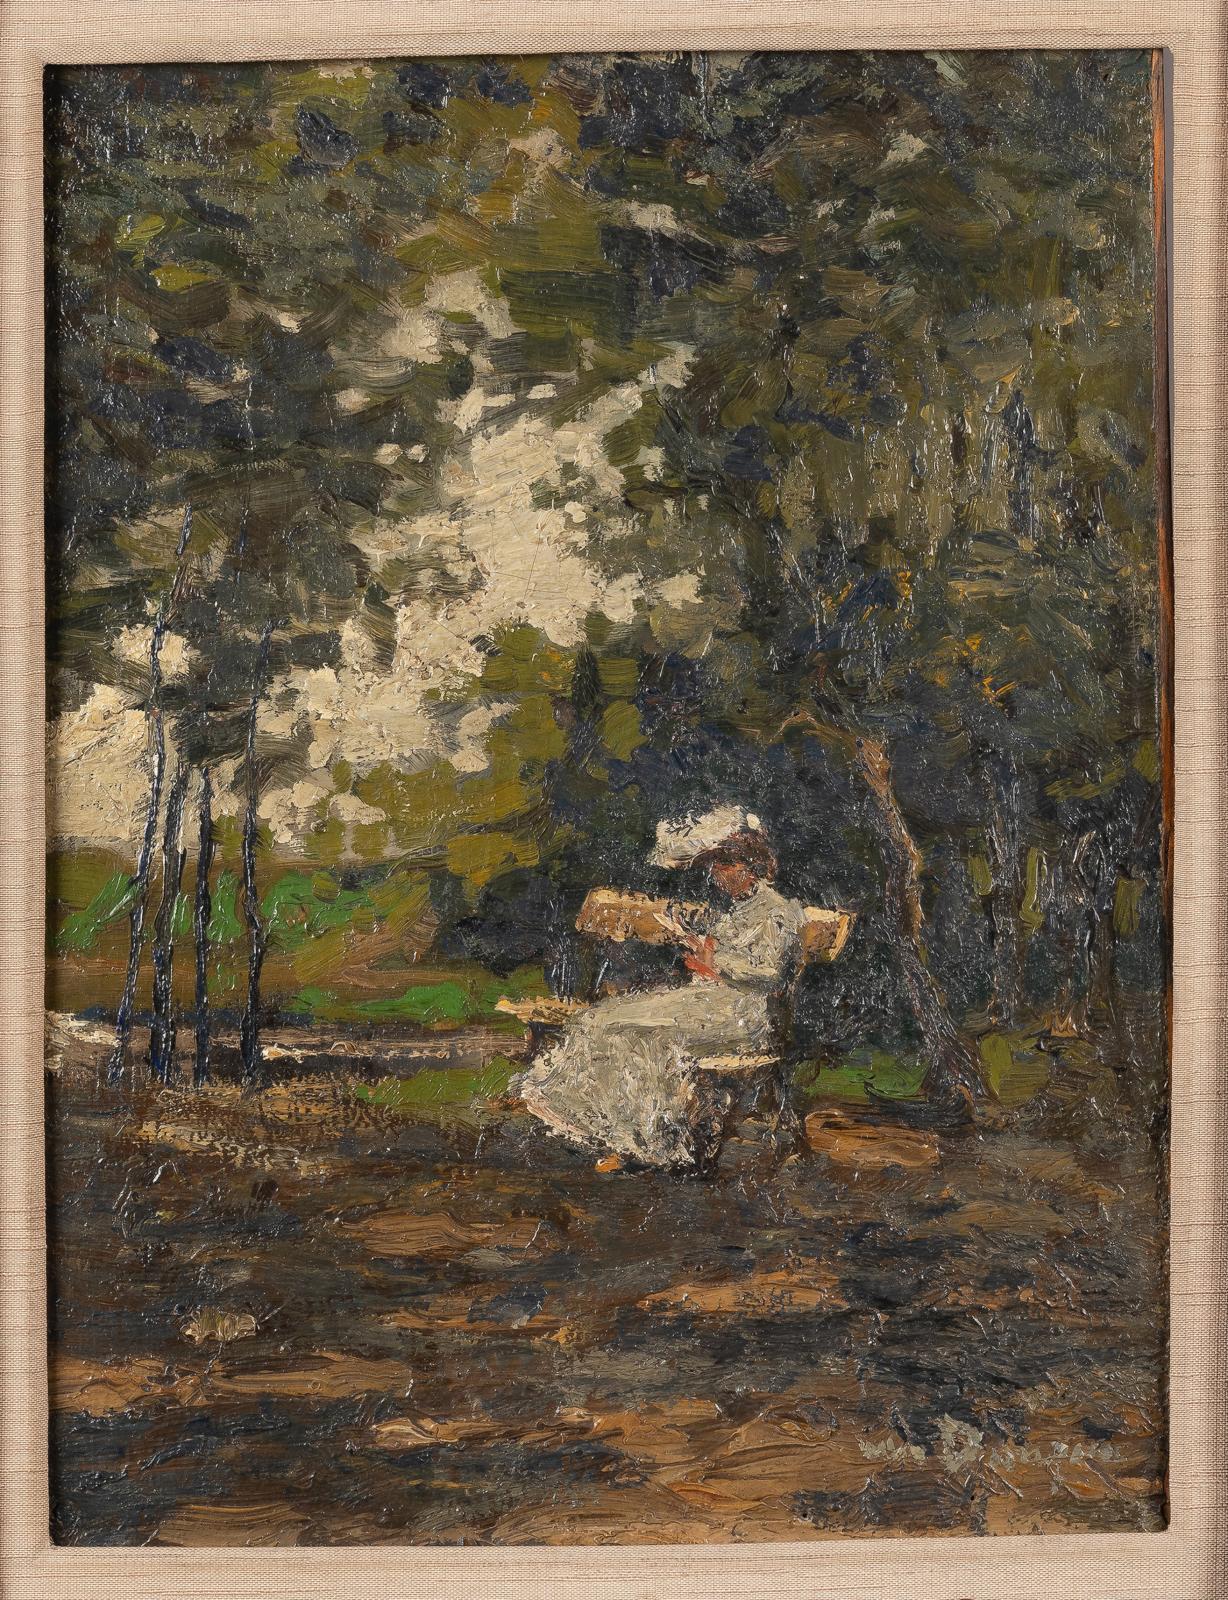 Kees Van Dongen (1879-1968), La Lecture dans le parc, huile sur carton marouflée sur panneau parqueté, 31,5x24cm. Estimation: 20000/30000€